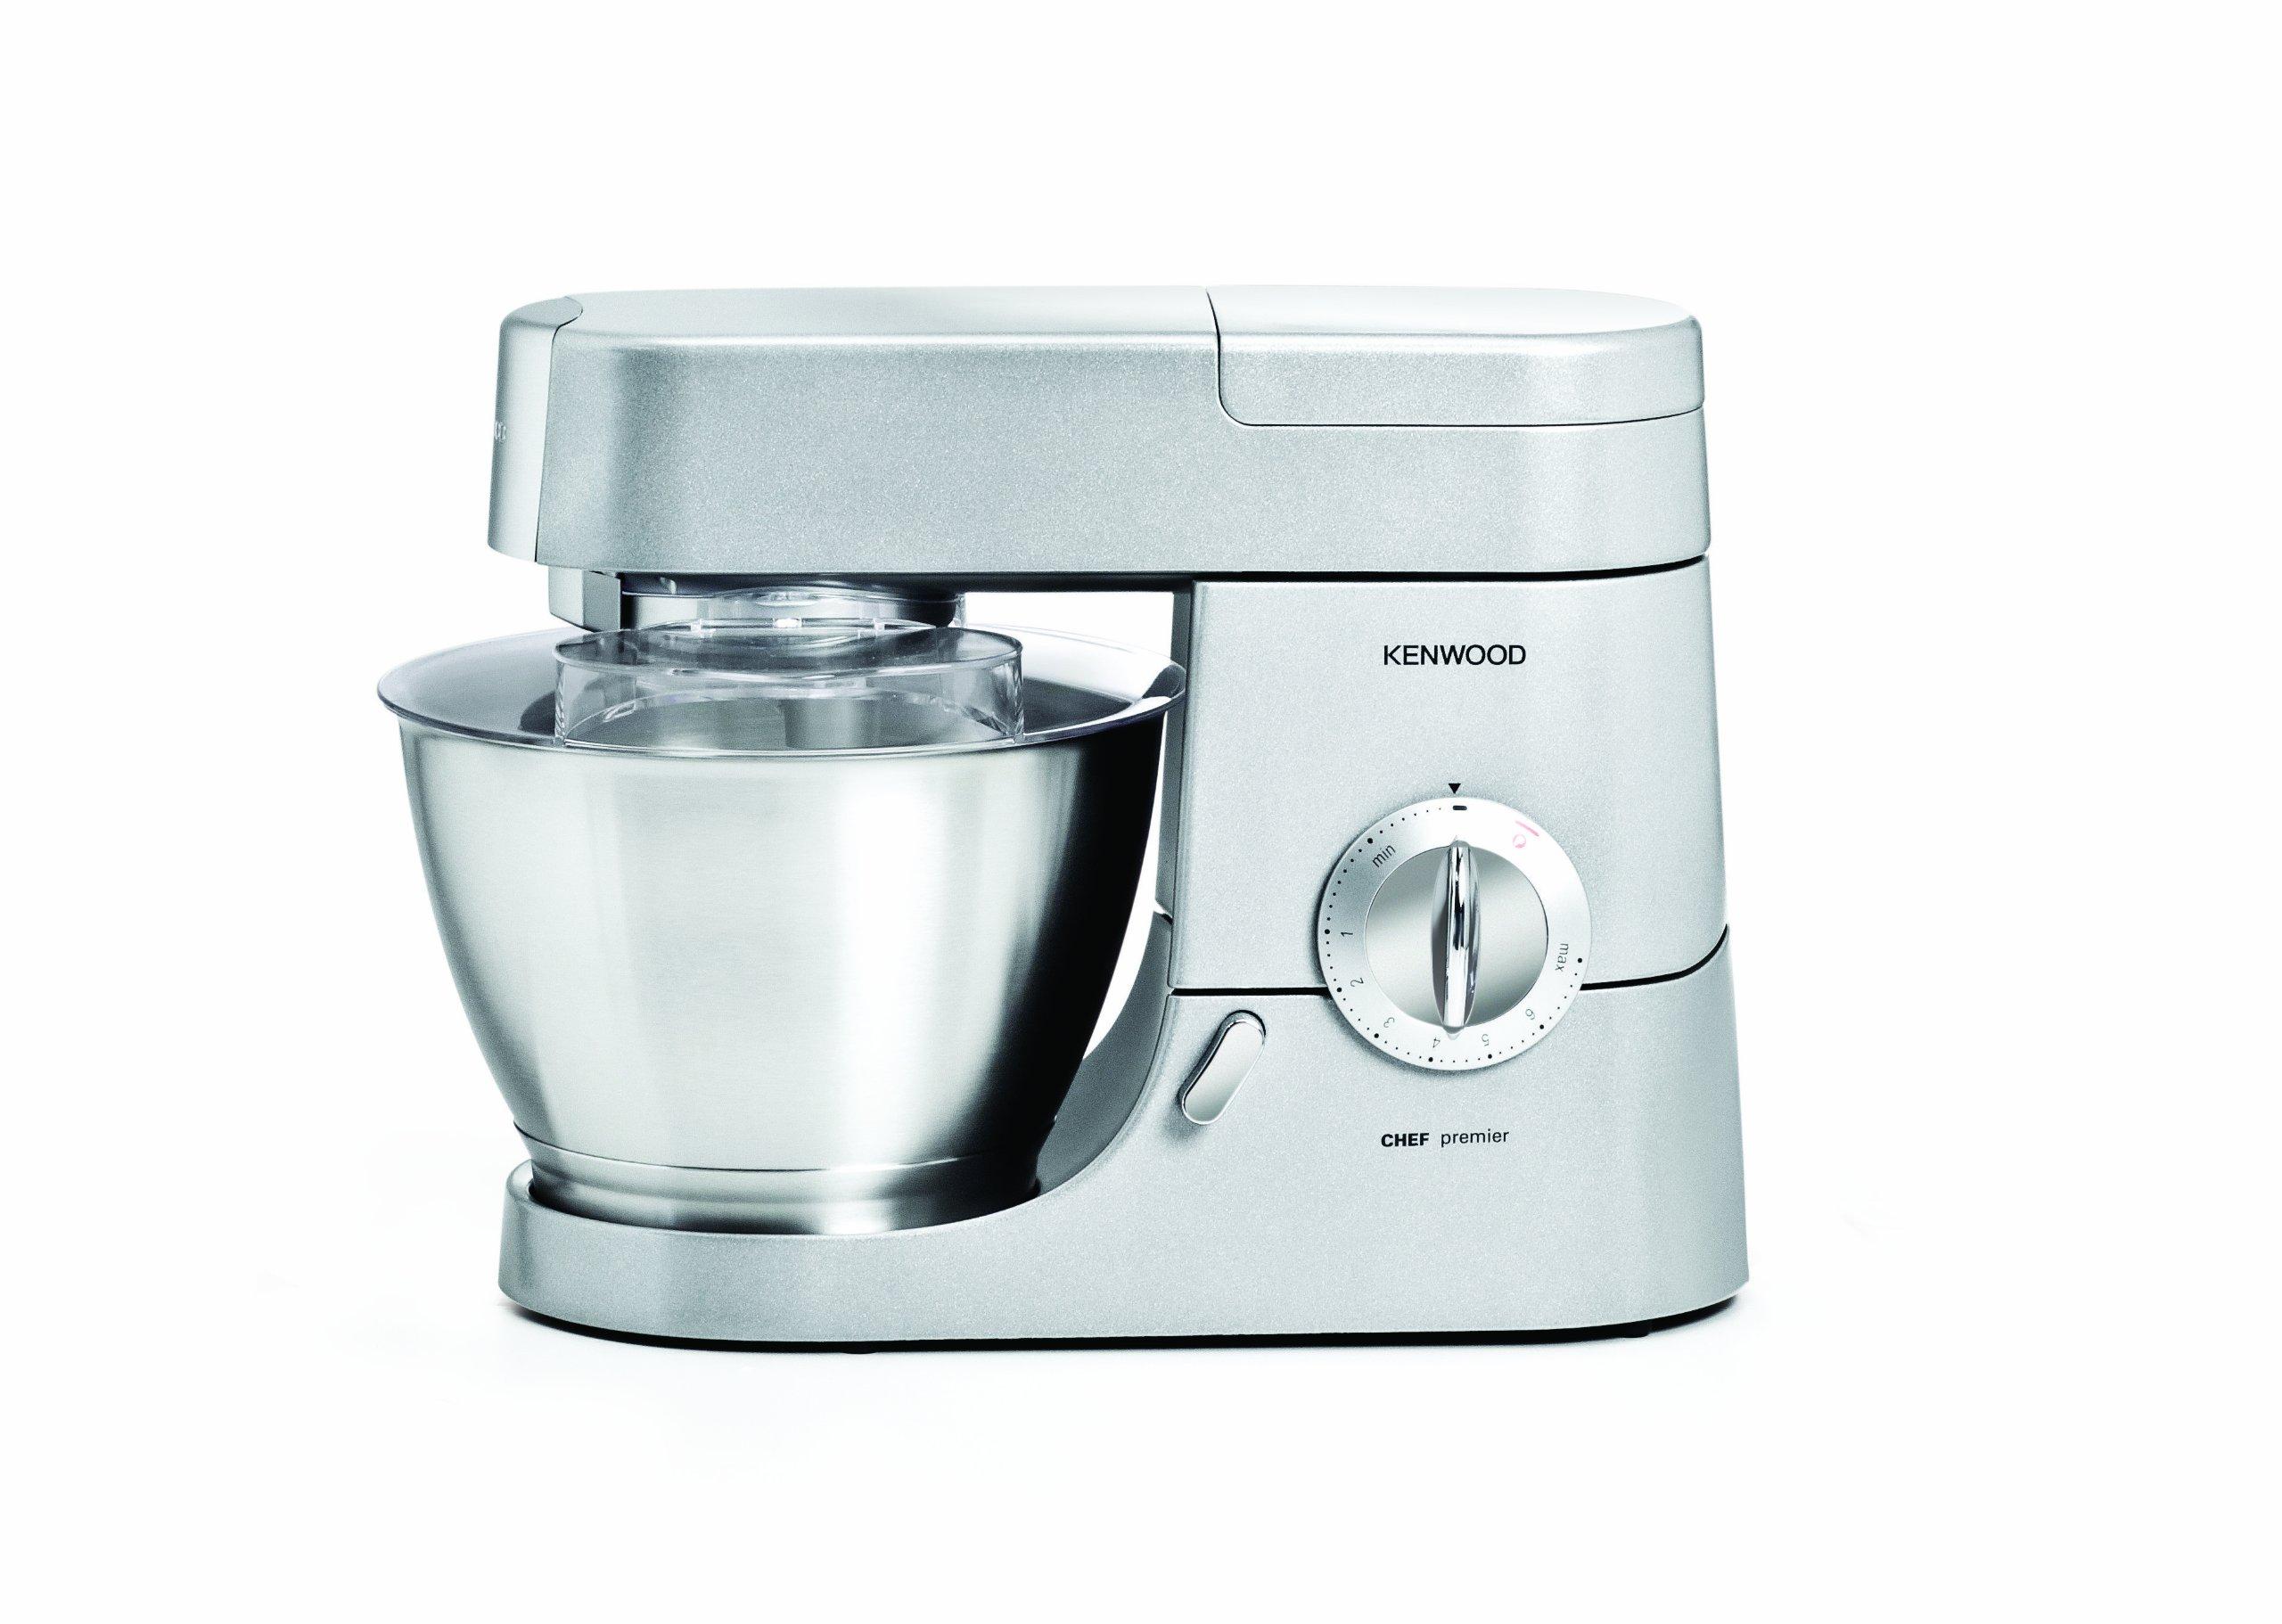 Kenwood-0WKMC57008-Chef-Premier-Kchenmaschinen-inklusiv-Glasmixaufsatz